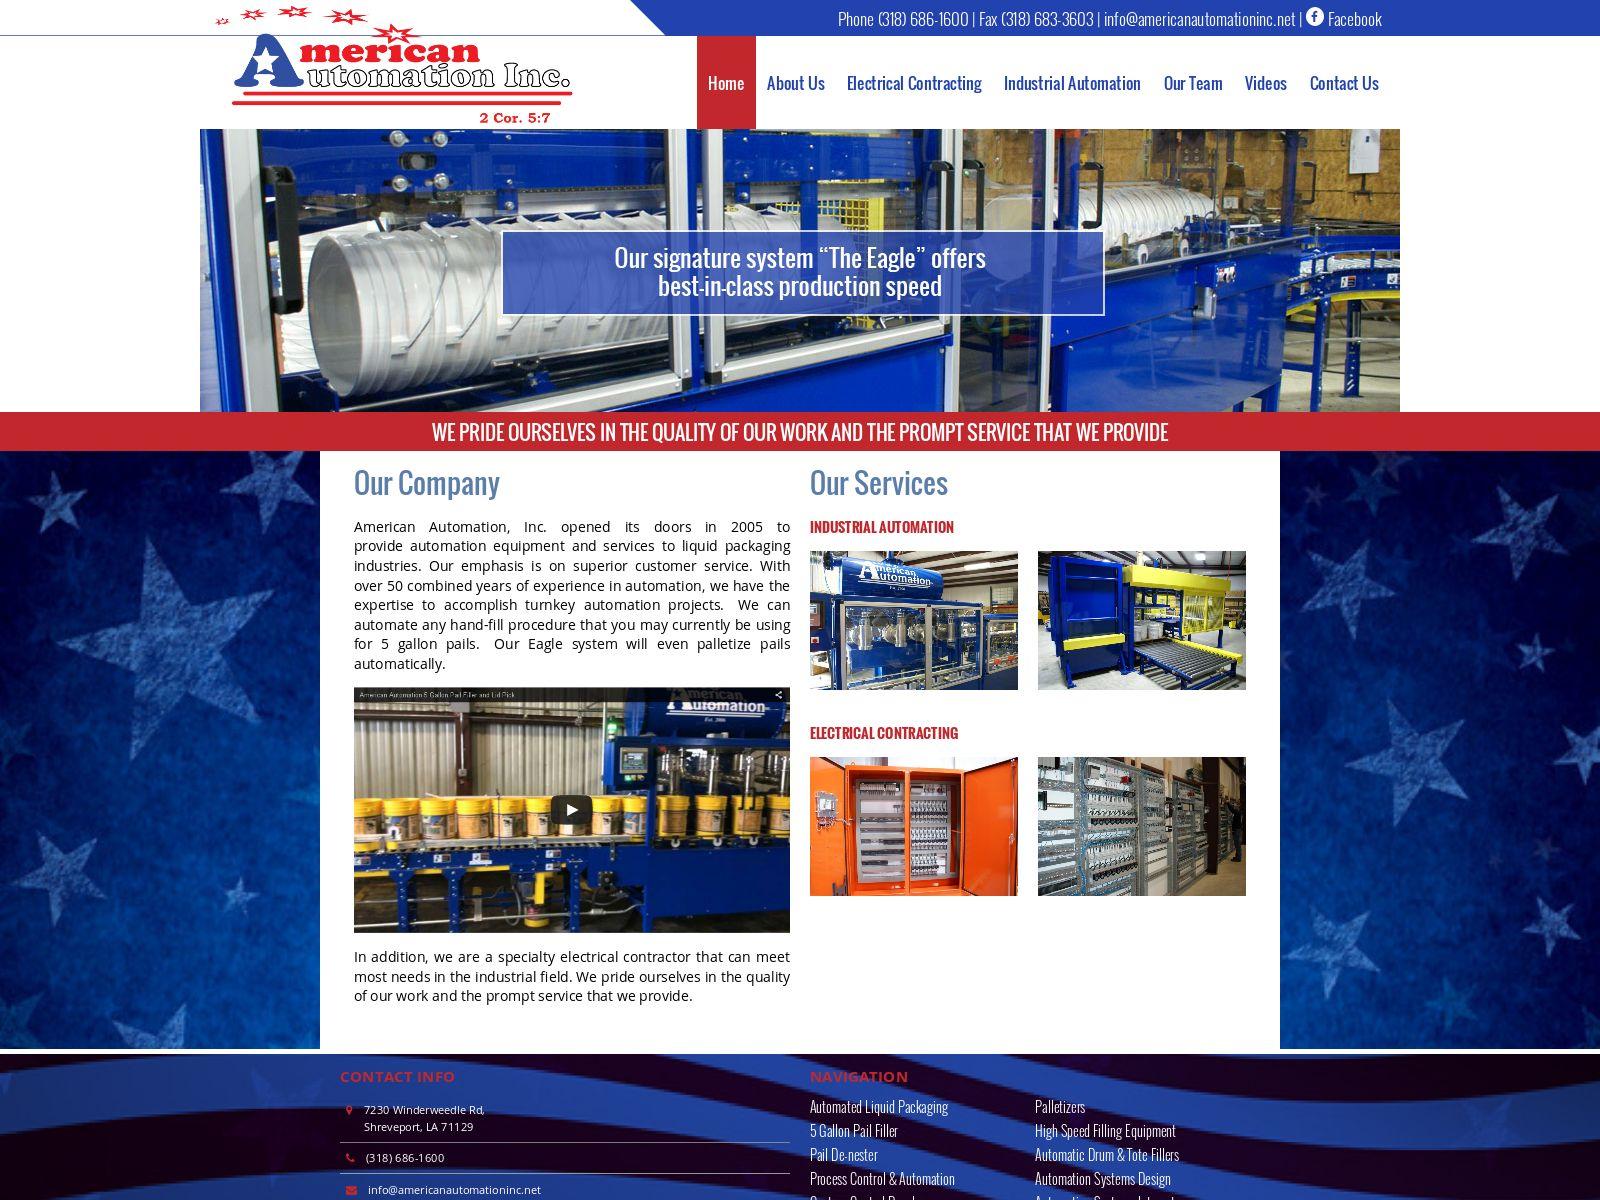 americanautomationinc_net